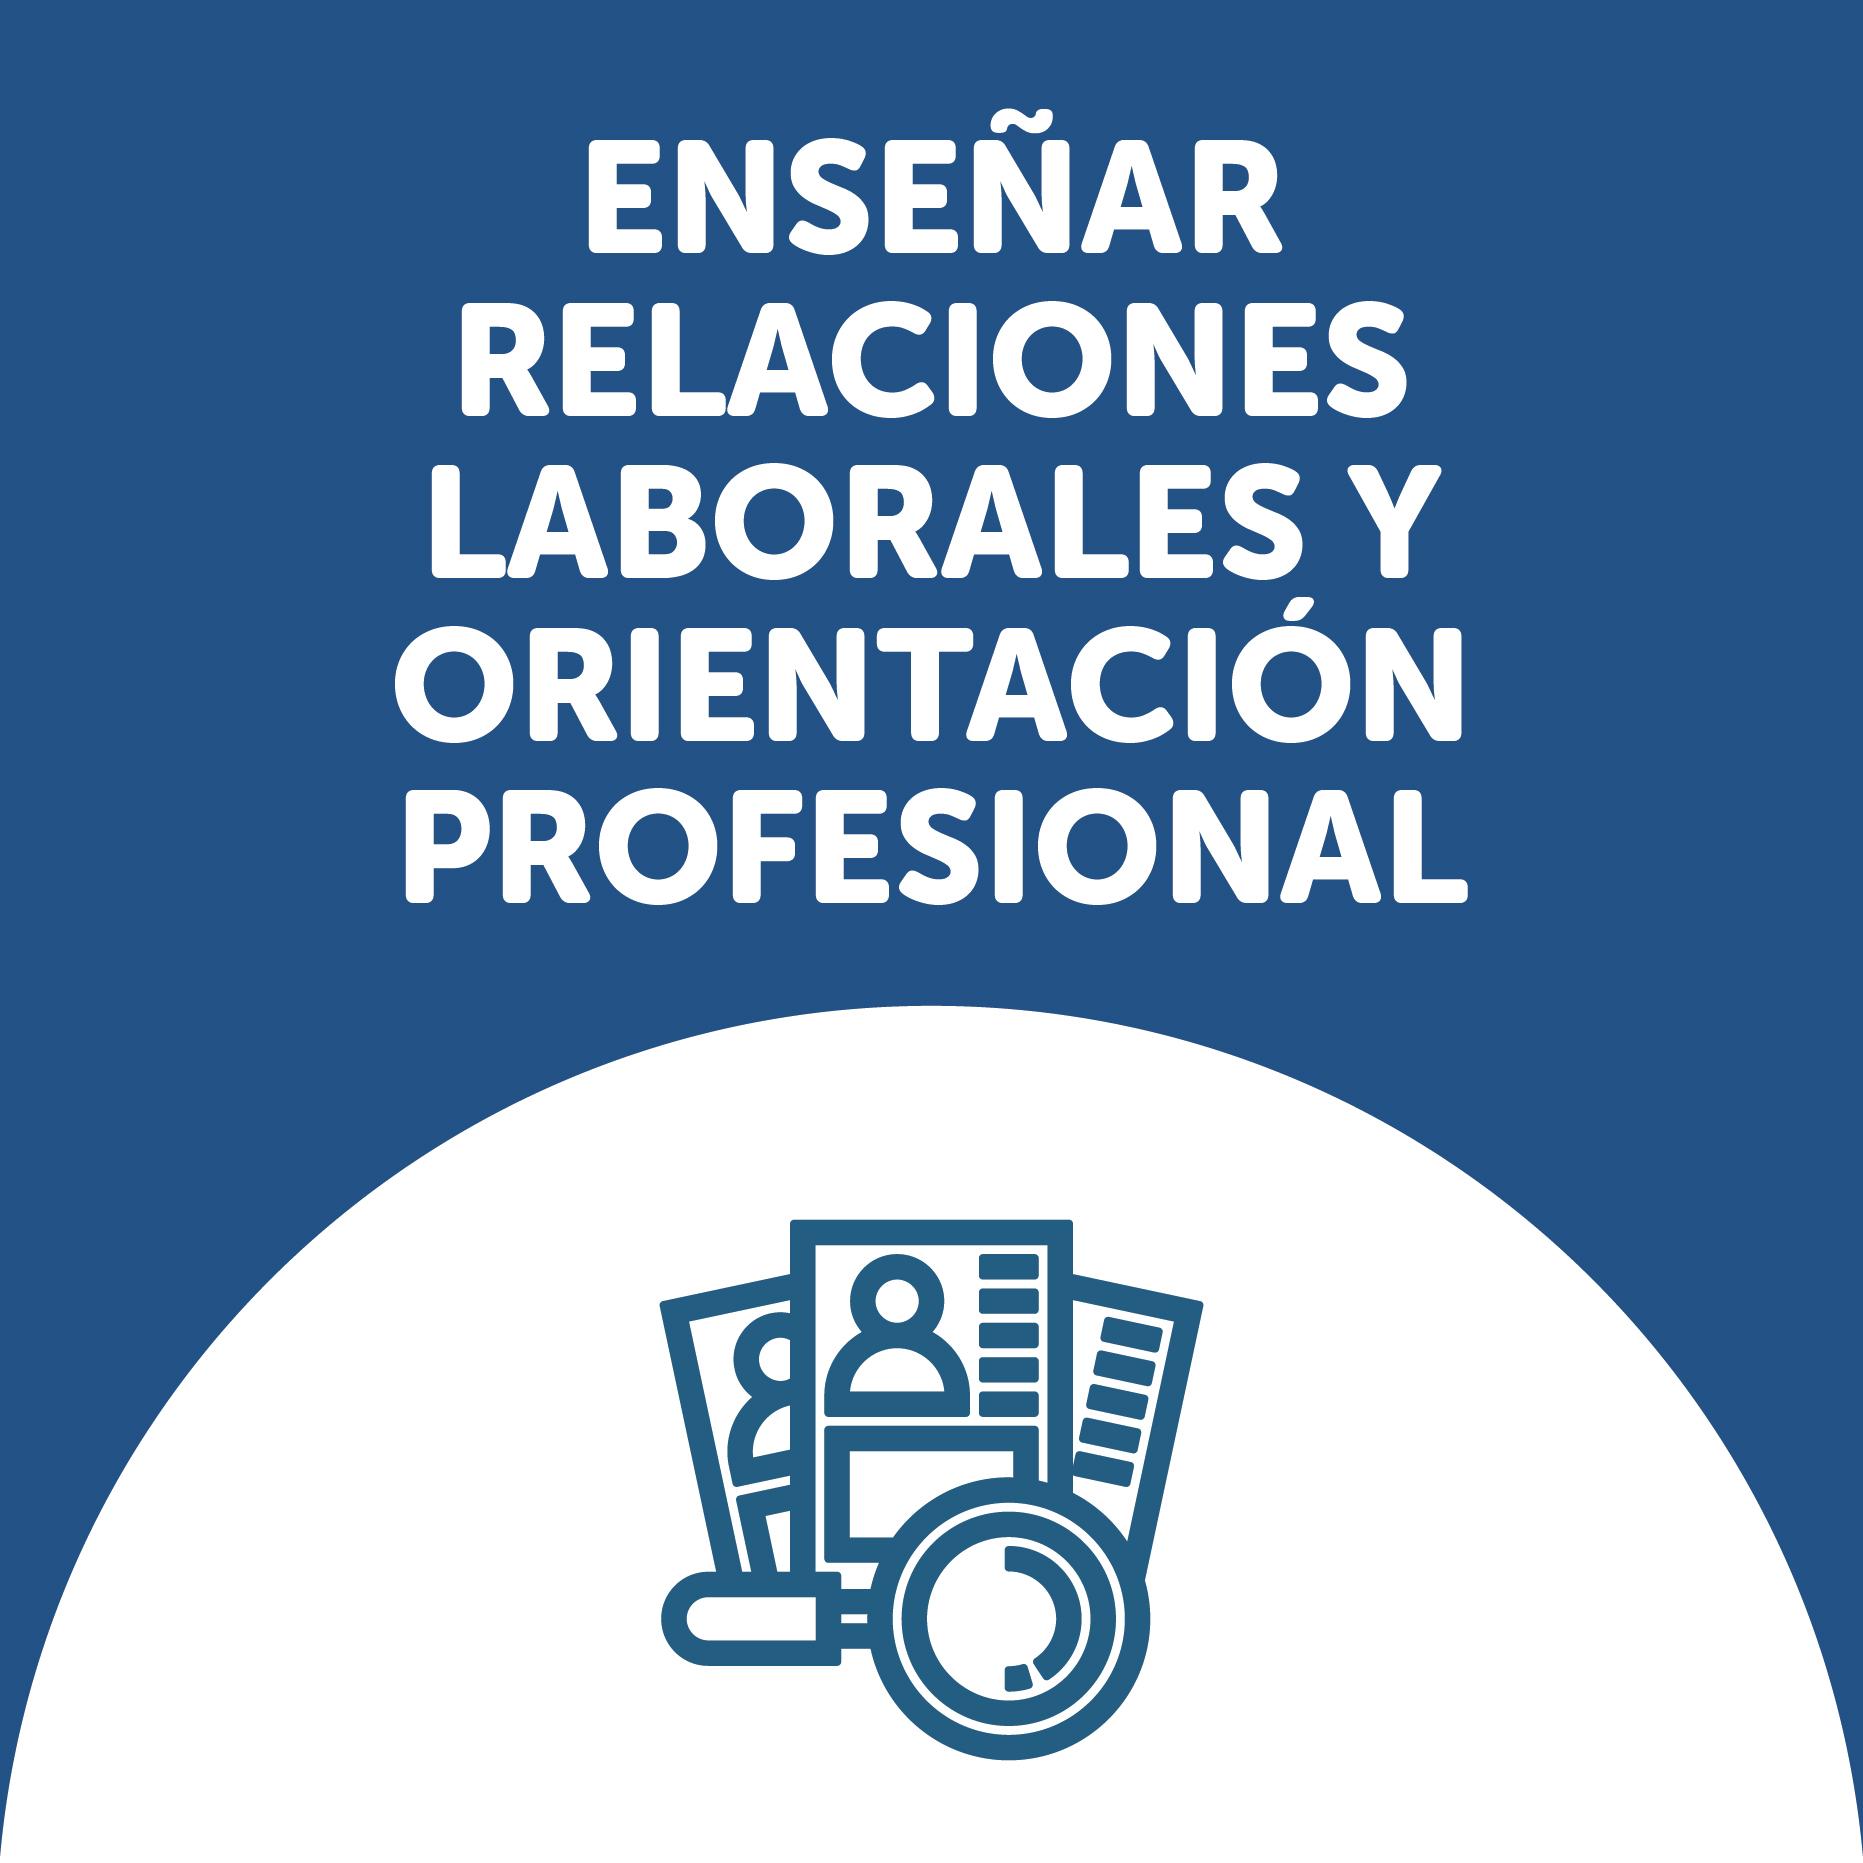 Enseñar relaciones laborales y orientación profesional